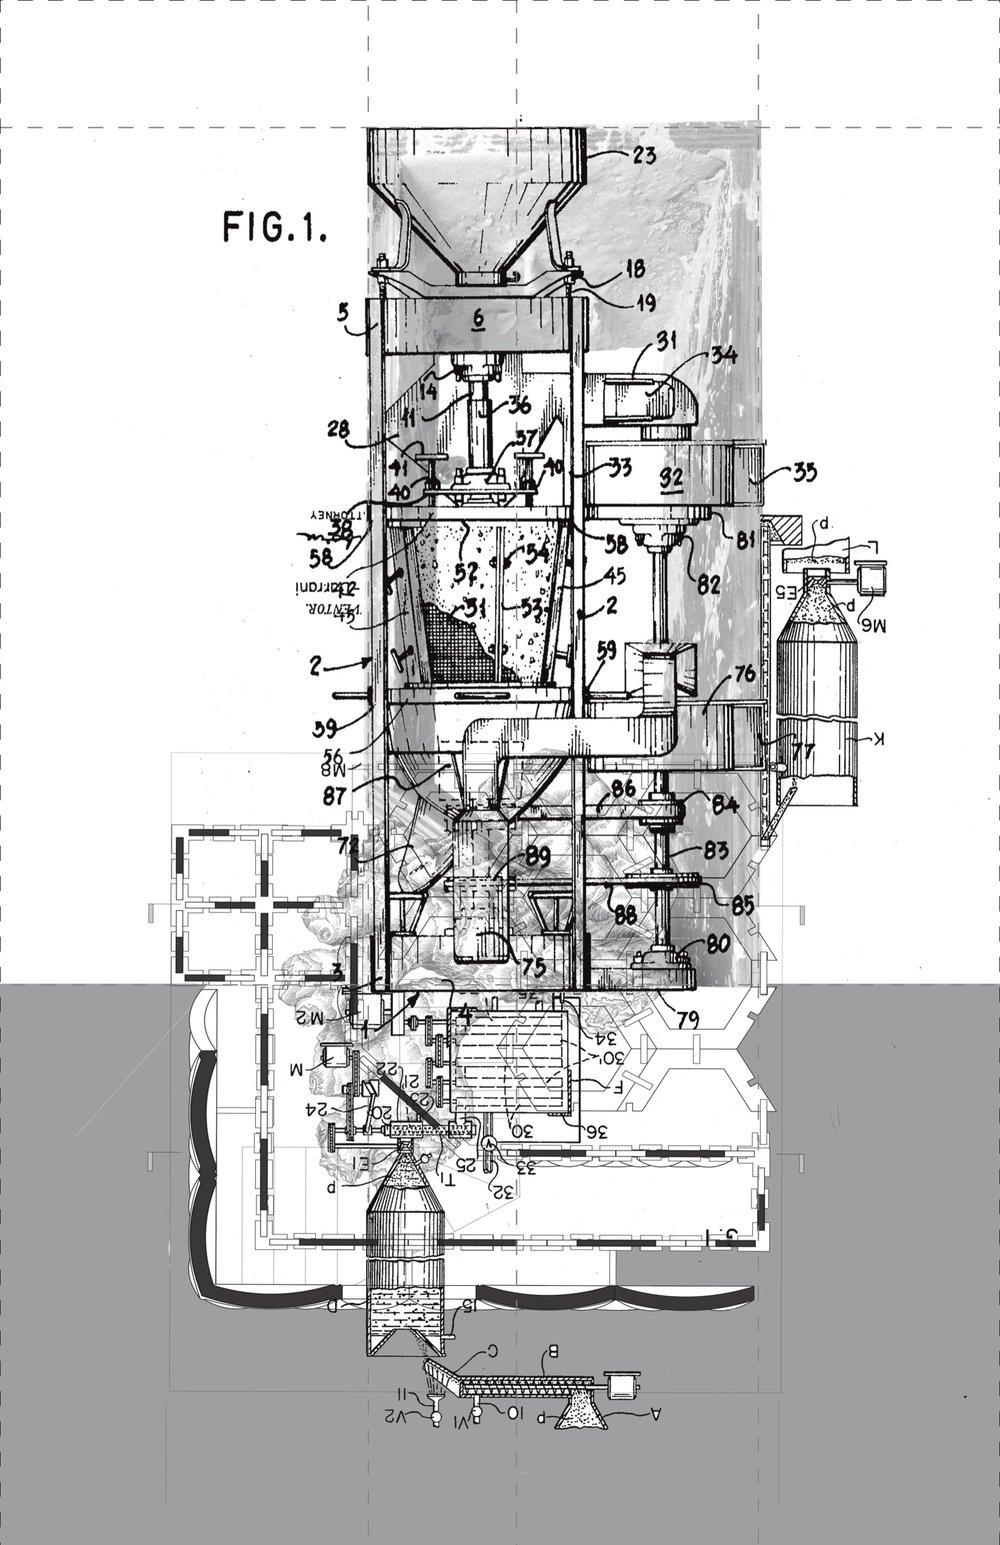 B.2_Ideogram Section.jpg